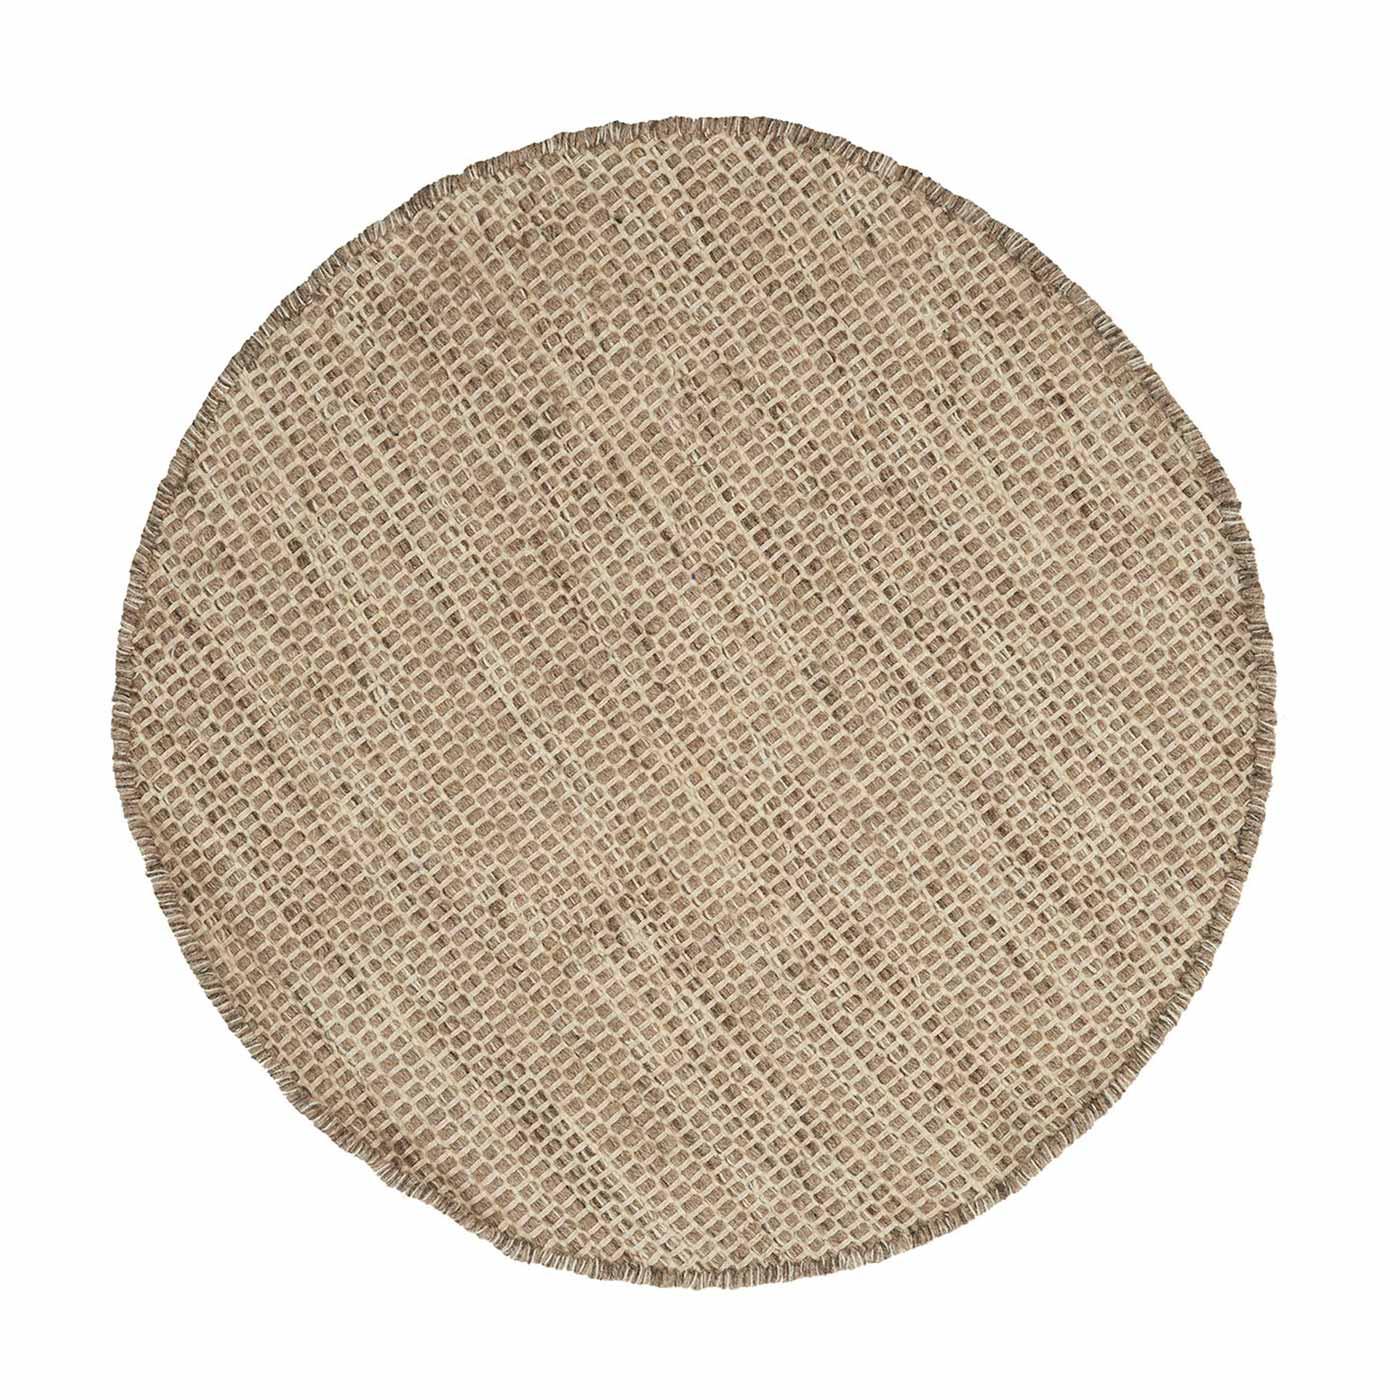 Asko Round Rug Light Grey